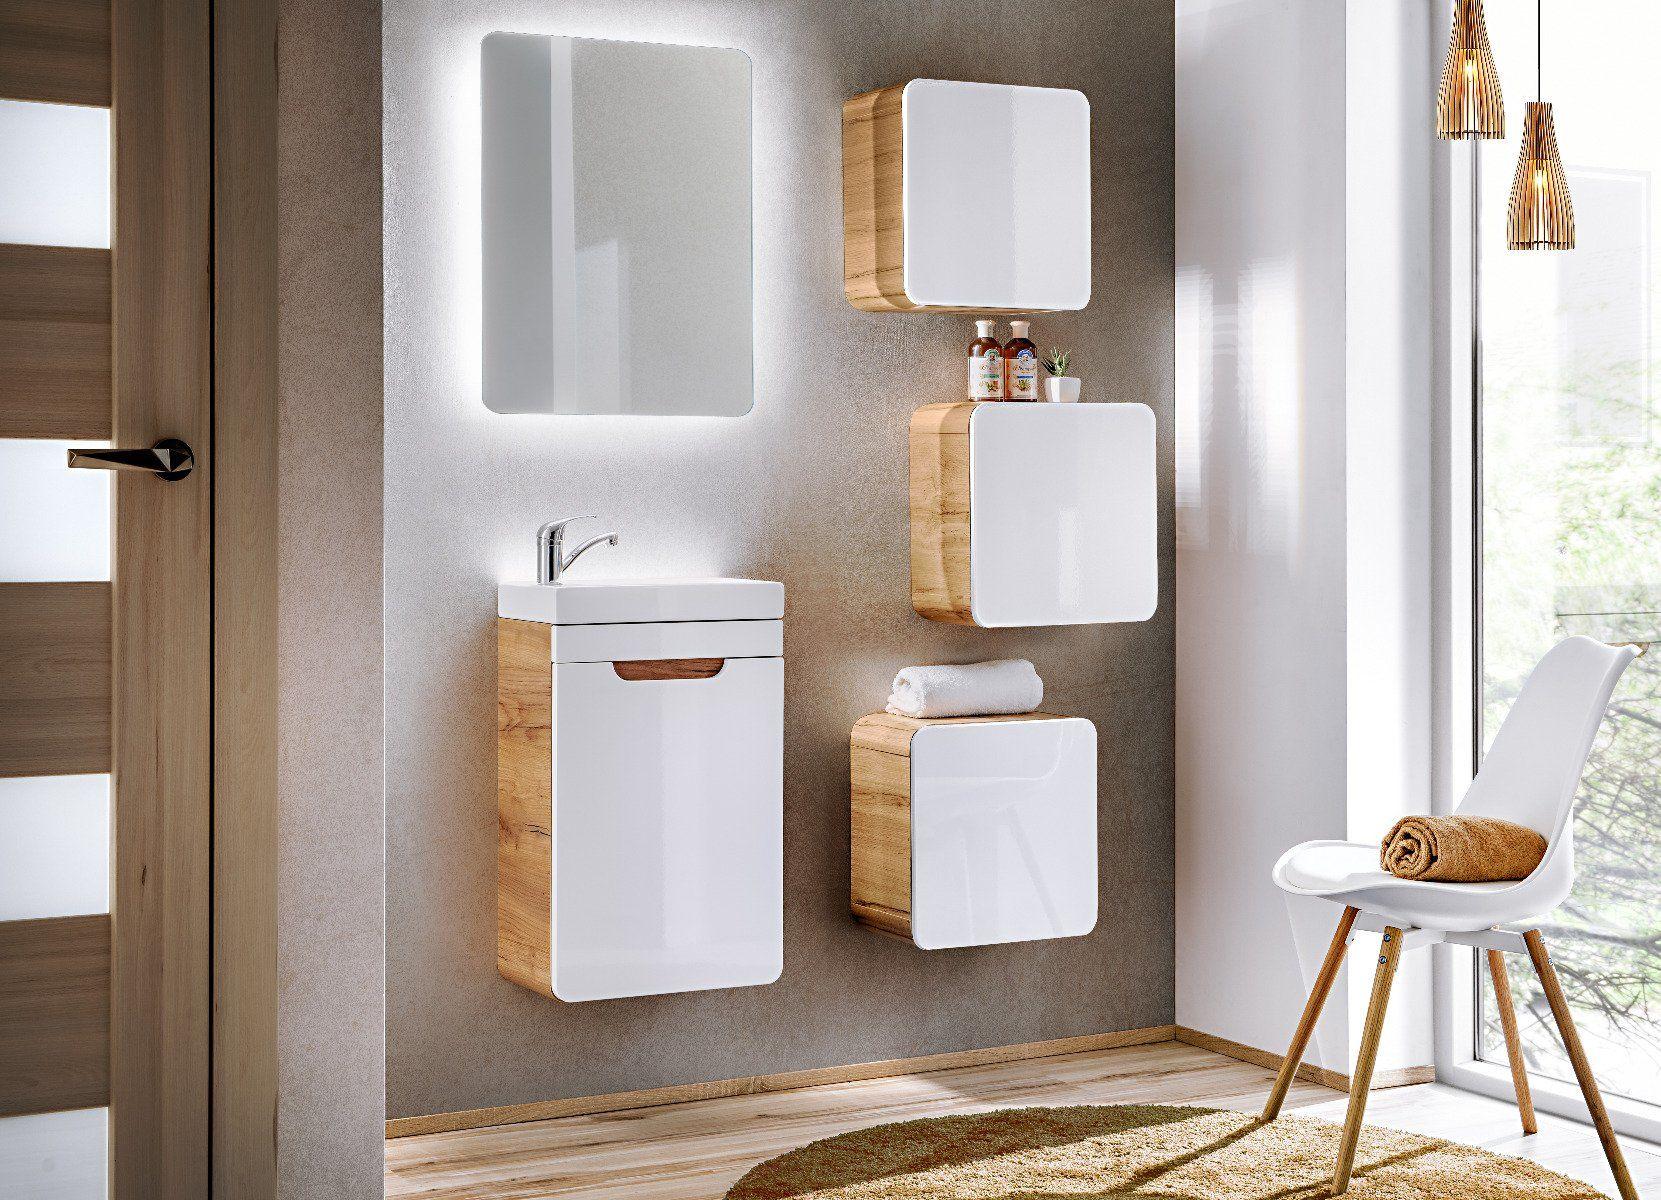 Szafka łazienkowa ARUBA 831 biała/dąb  Kupuj w Sprawdzonych sklepach